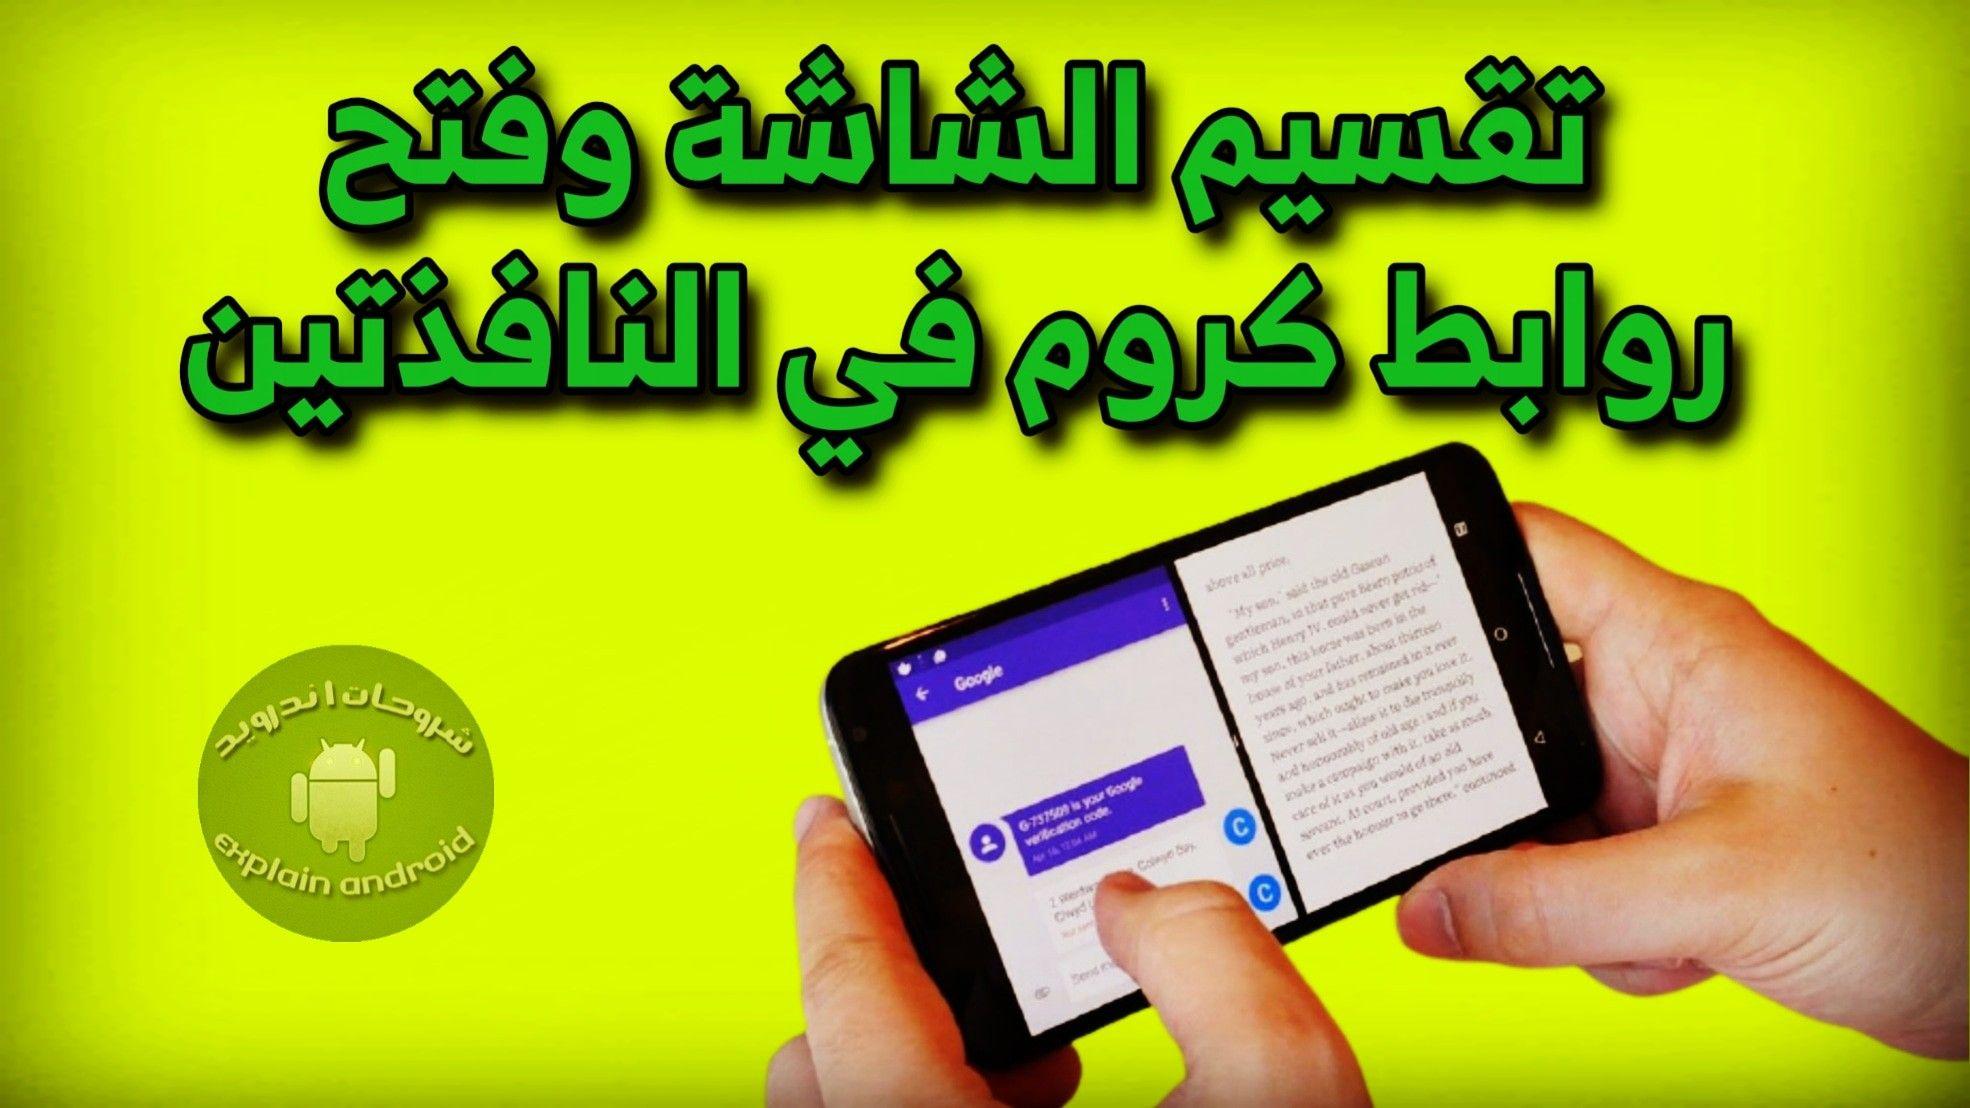 شرح الطريقة التي تستطيع من خلالها أن تفتح صفحتين مختلفتين من متصفح كروم مع تقسيم الشاشة Tablet Android